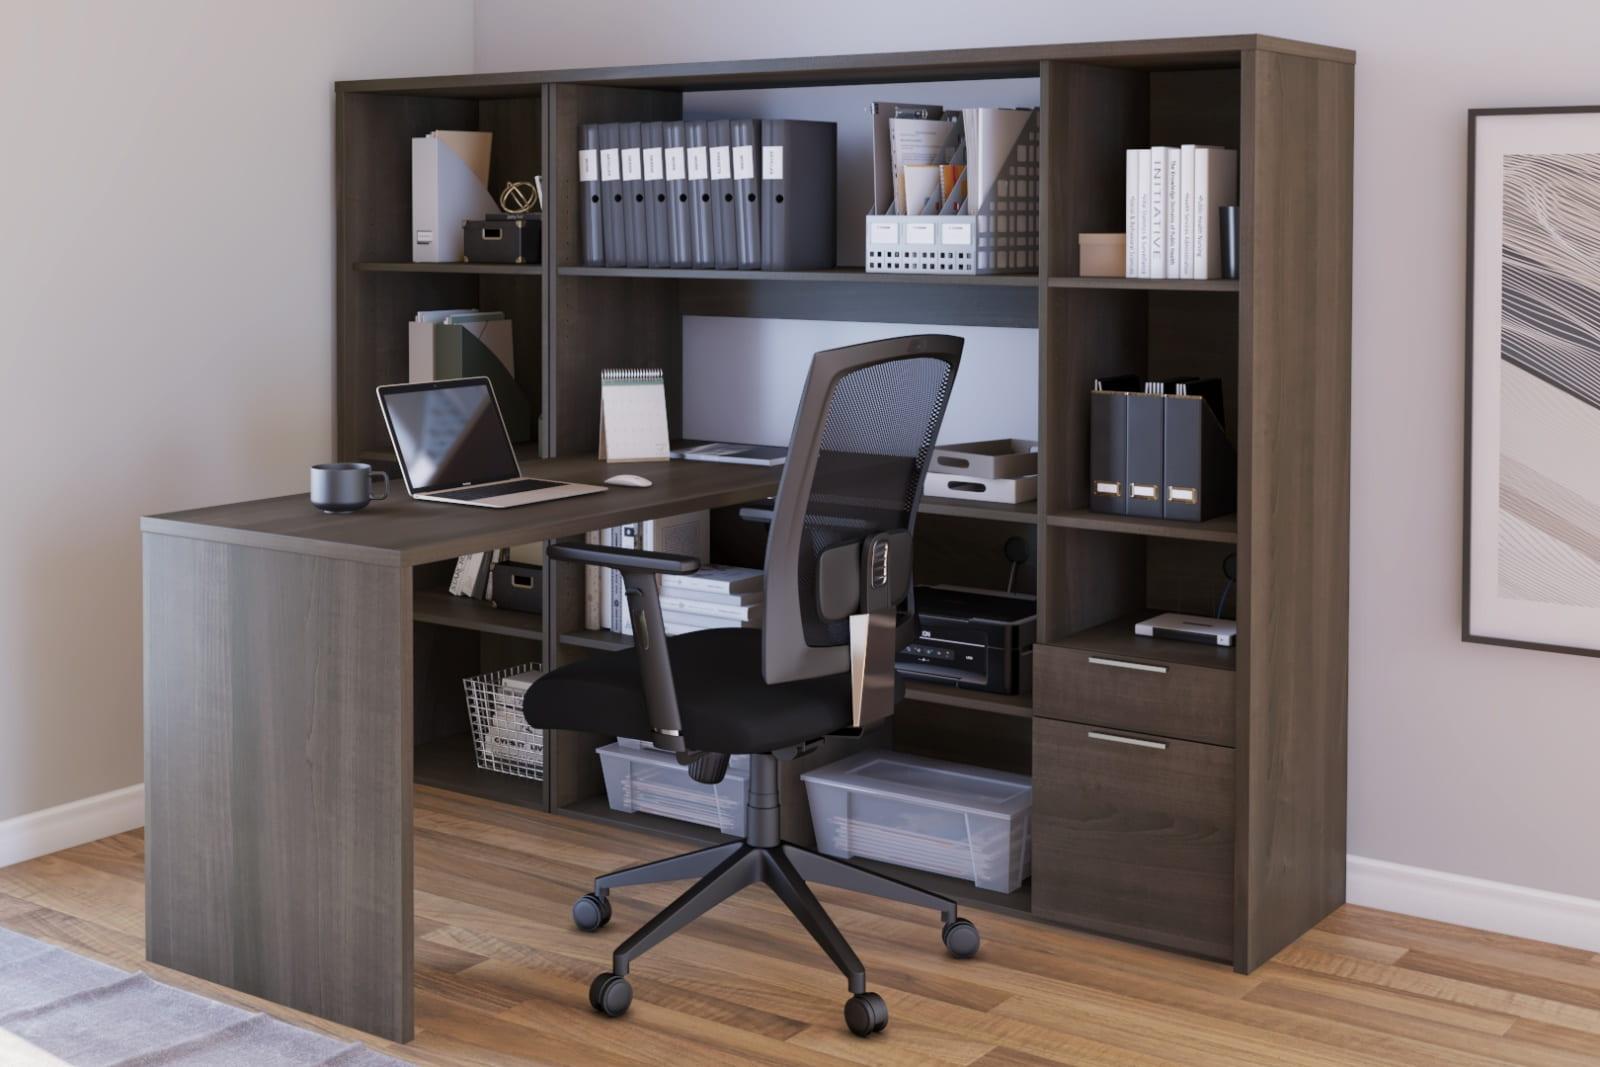 Bestar Desk with Storage